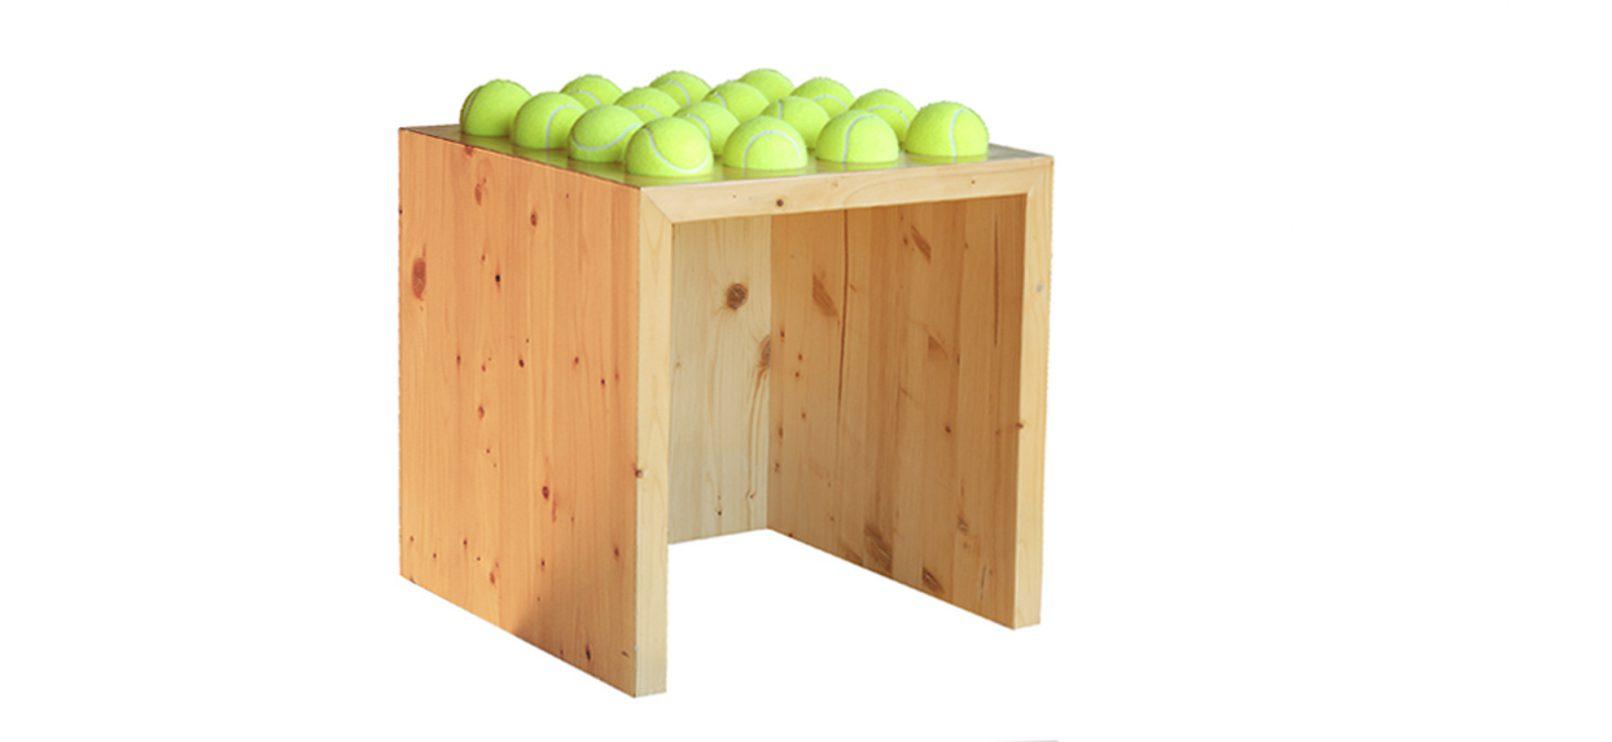 Sgabello in legno e palline da tennis tballs architetto for Studio architettura interni torino